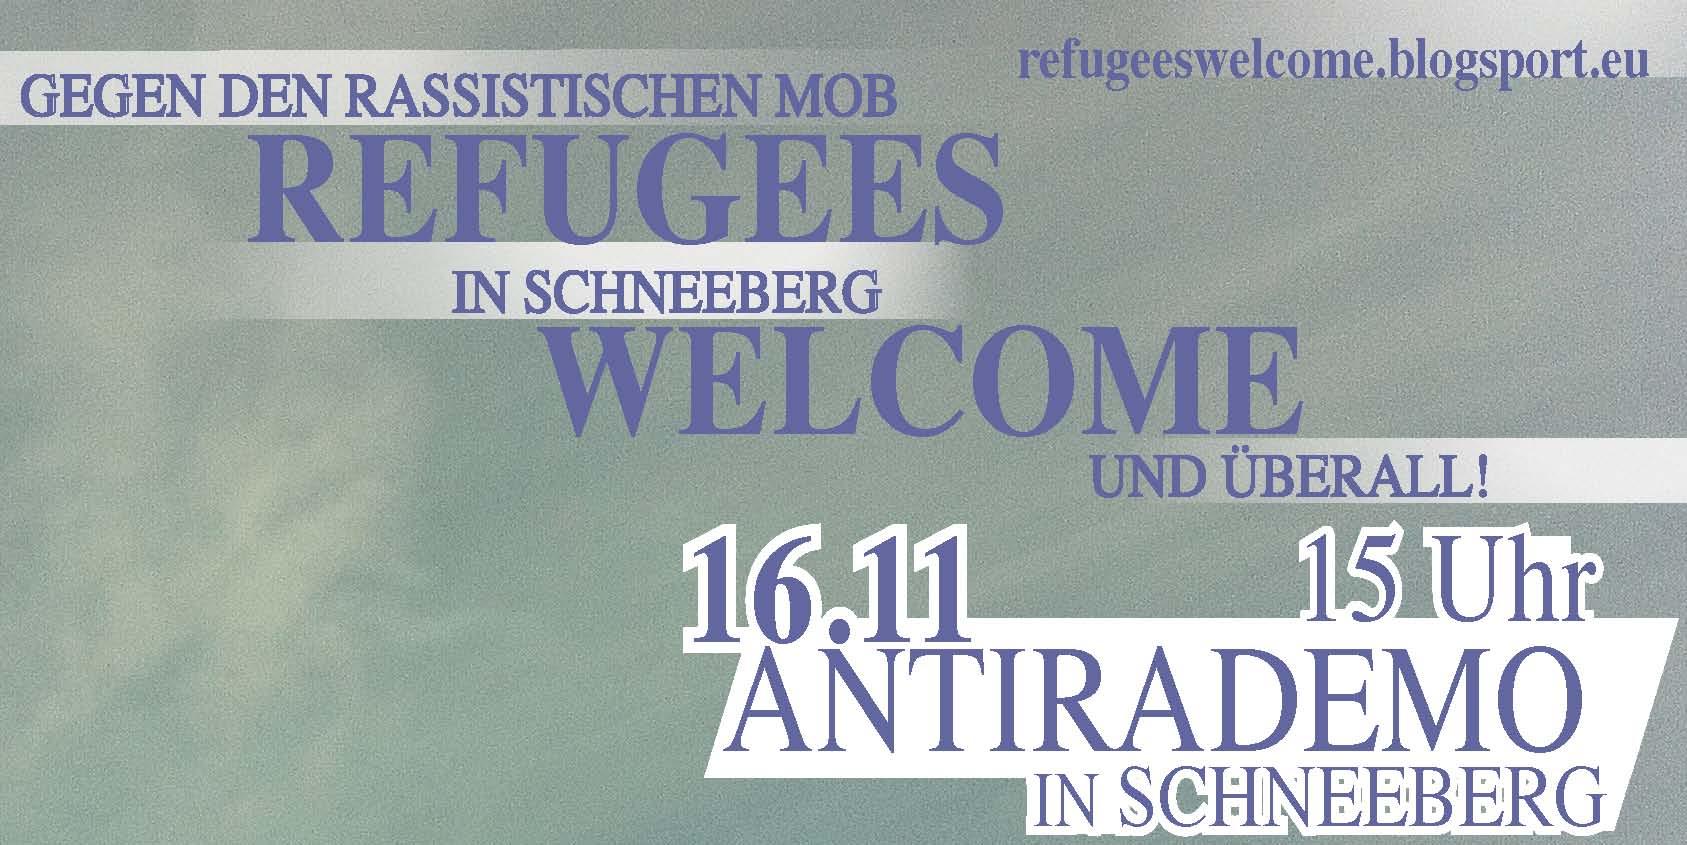 Refugees welcome! Gegen den rassistischen Mob in Schneeberg und überall!